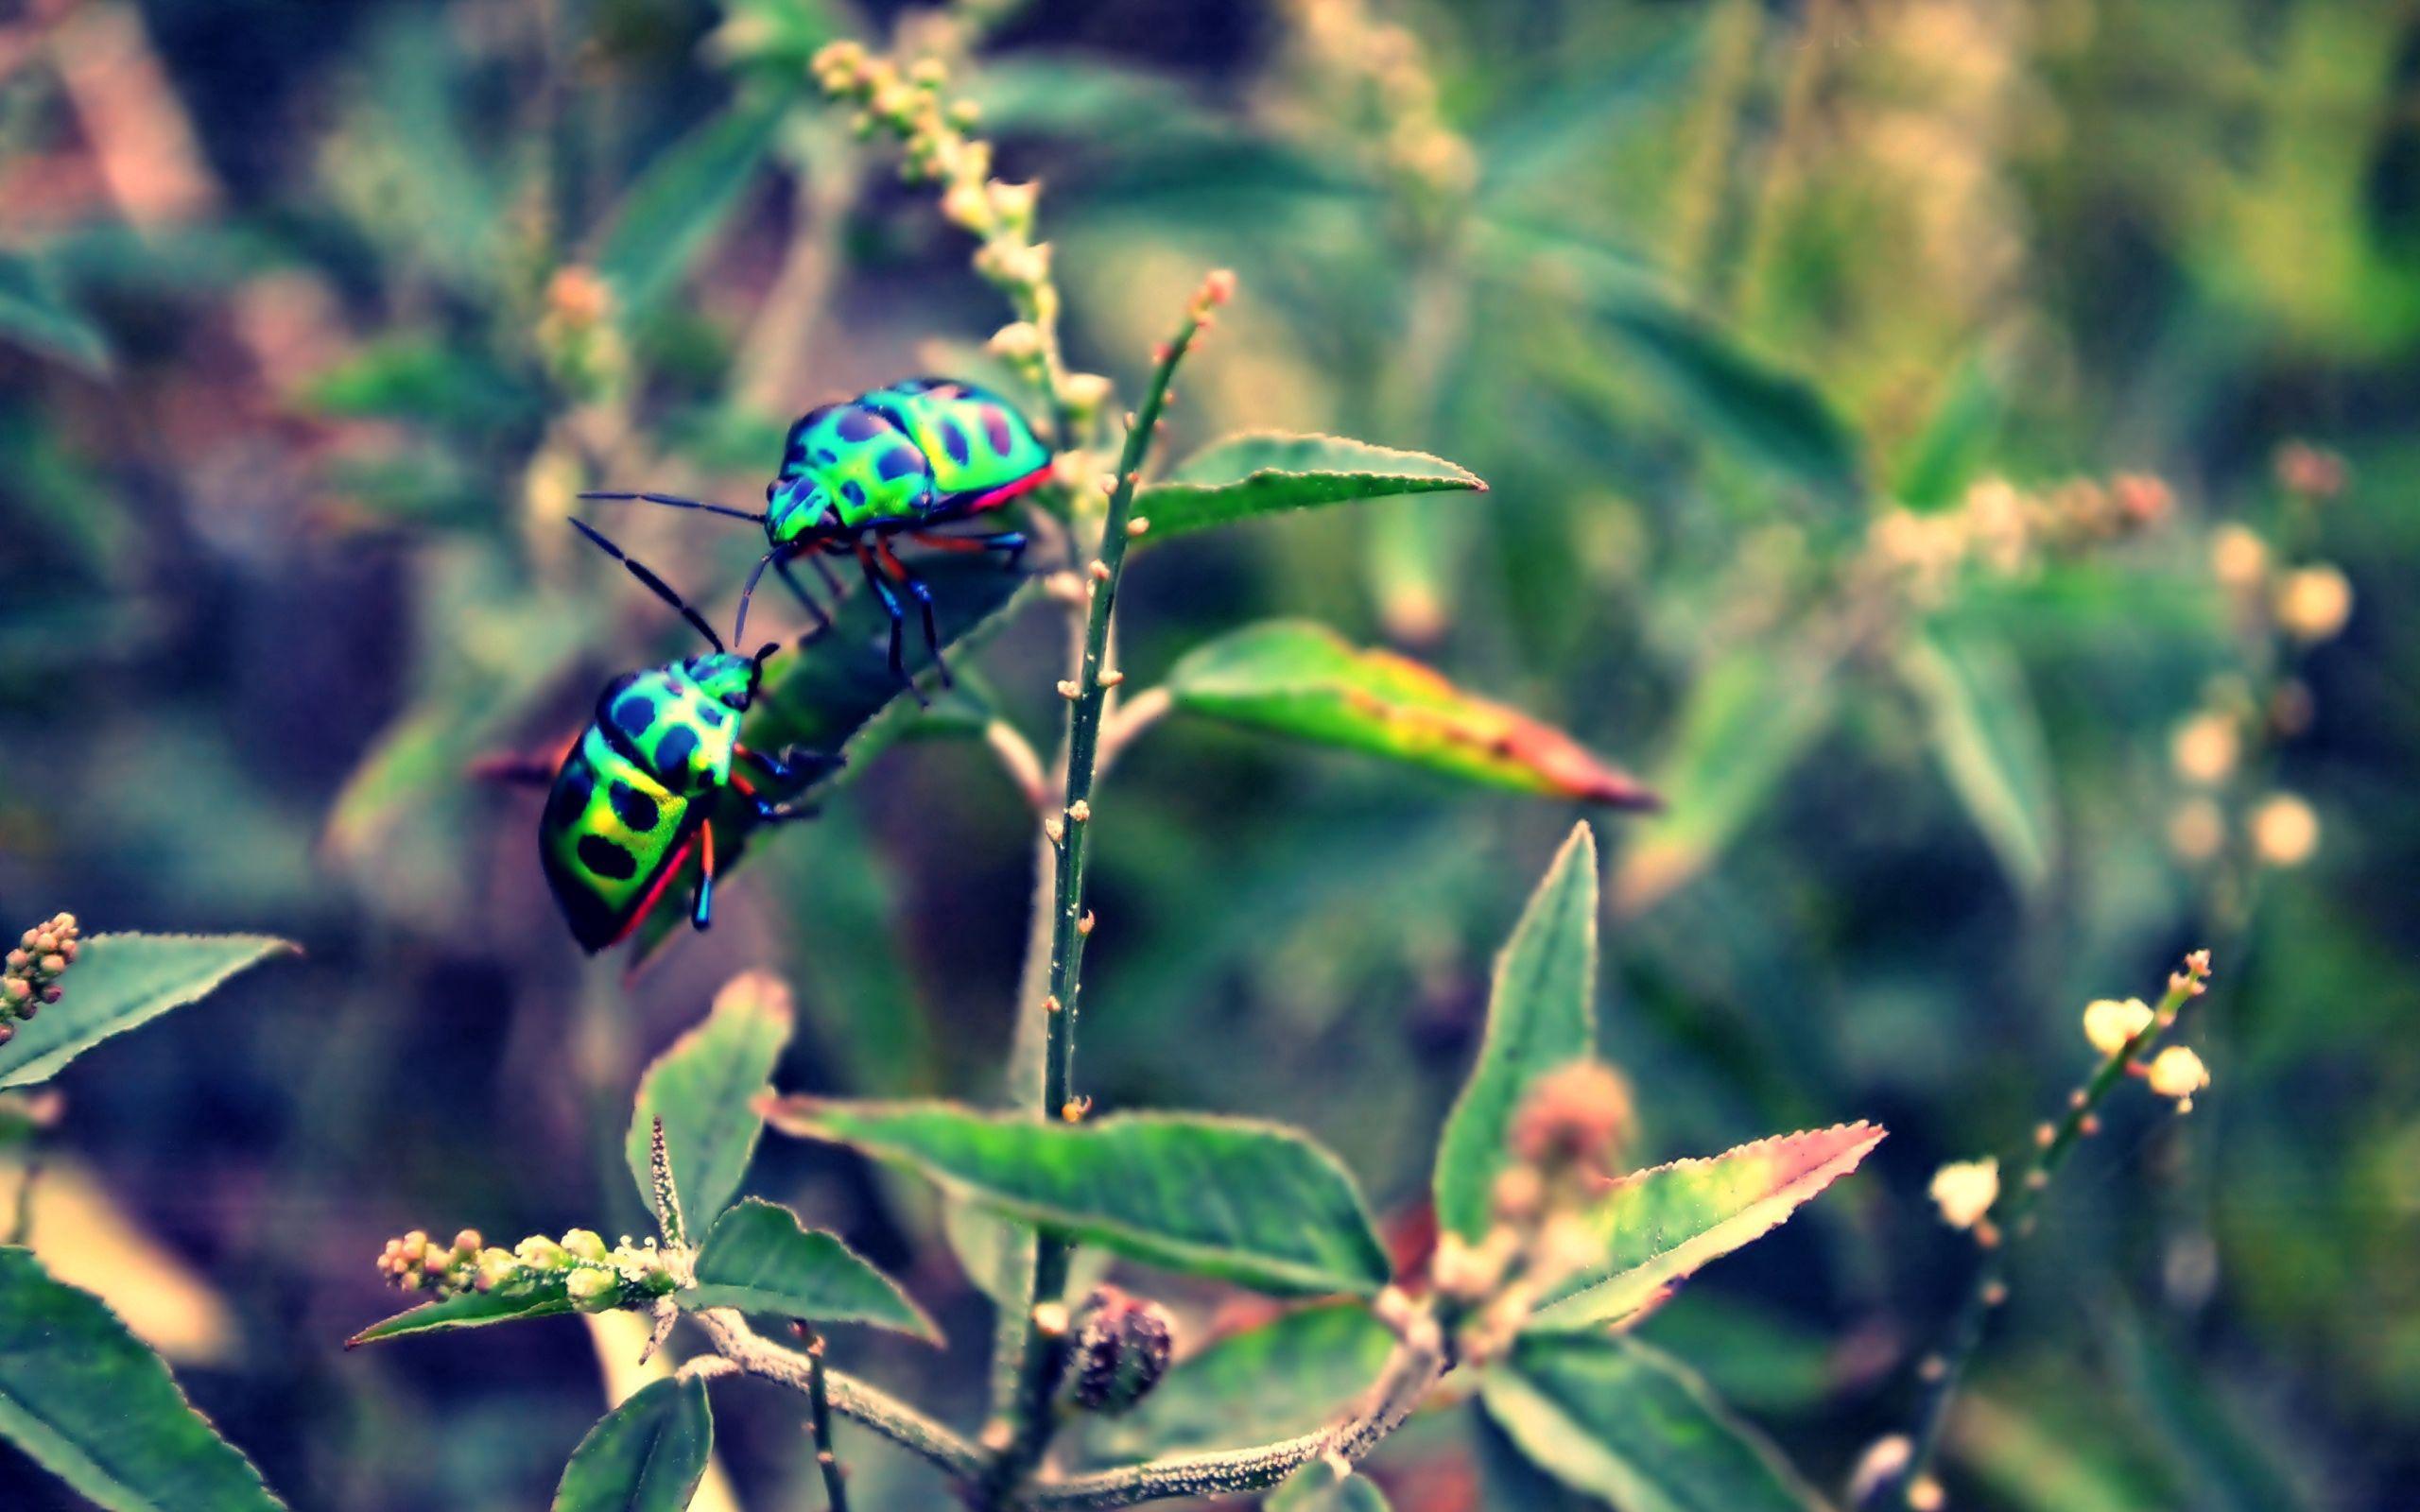 155465 Salvapantallas y fondos de pantalla Insectos en tu teléfono. Descarga imágenes de Macro, Insectos, Insecto, Hierba, Planta gratis